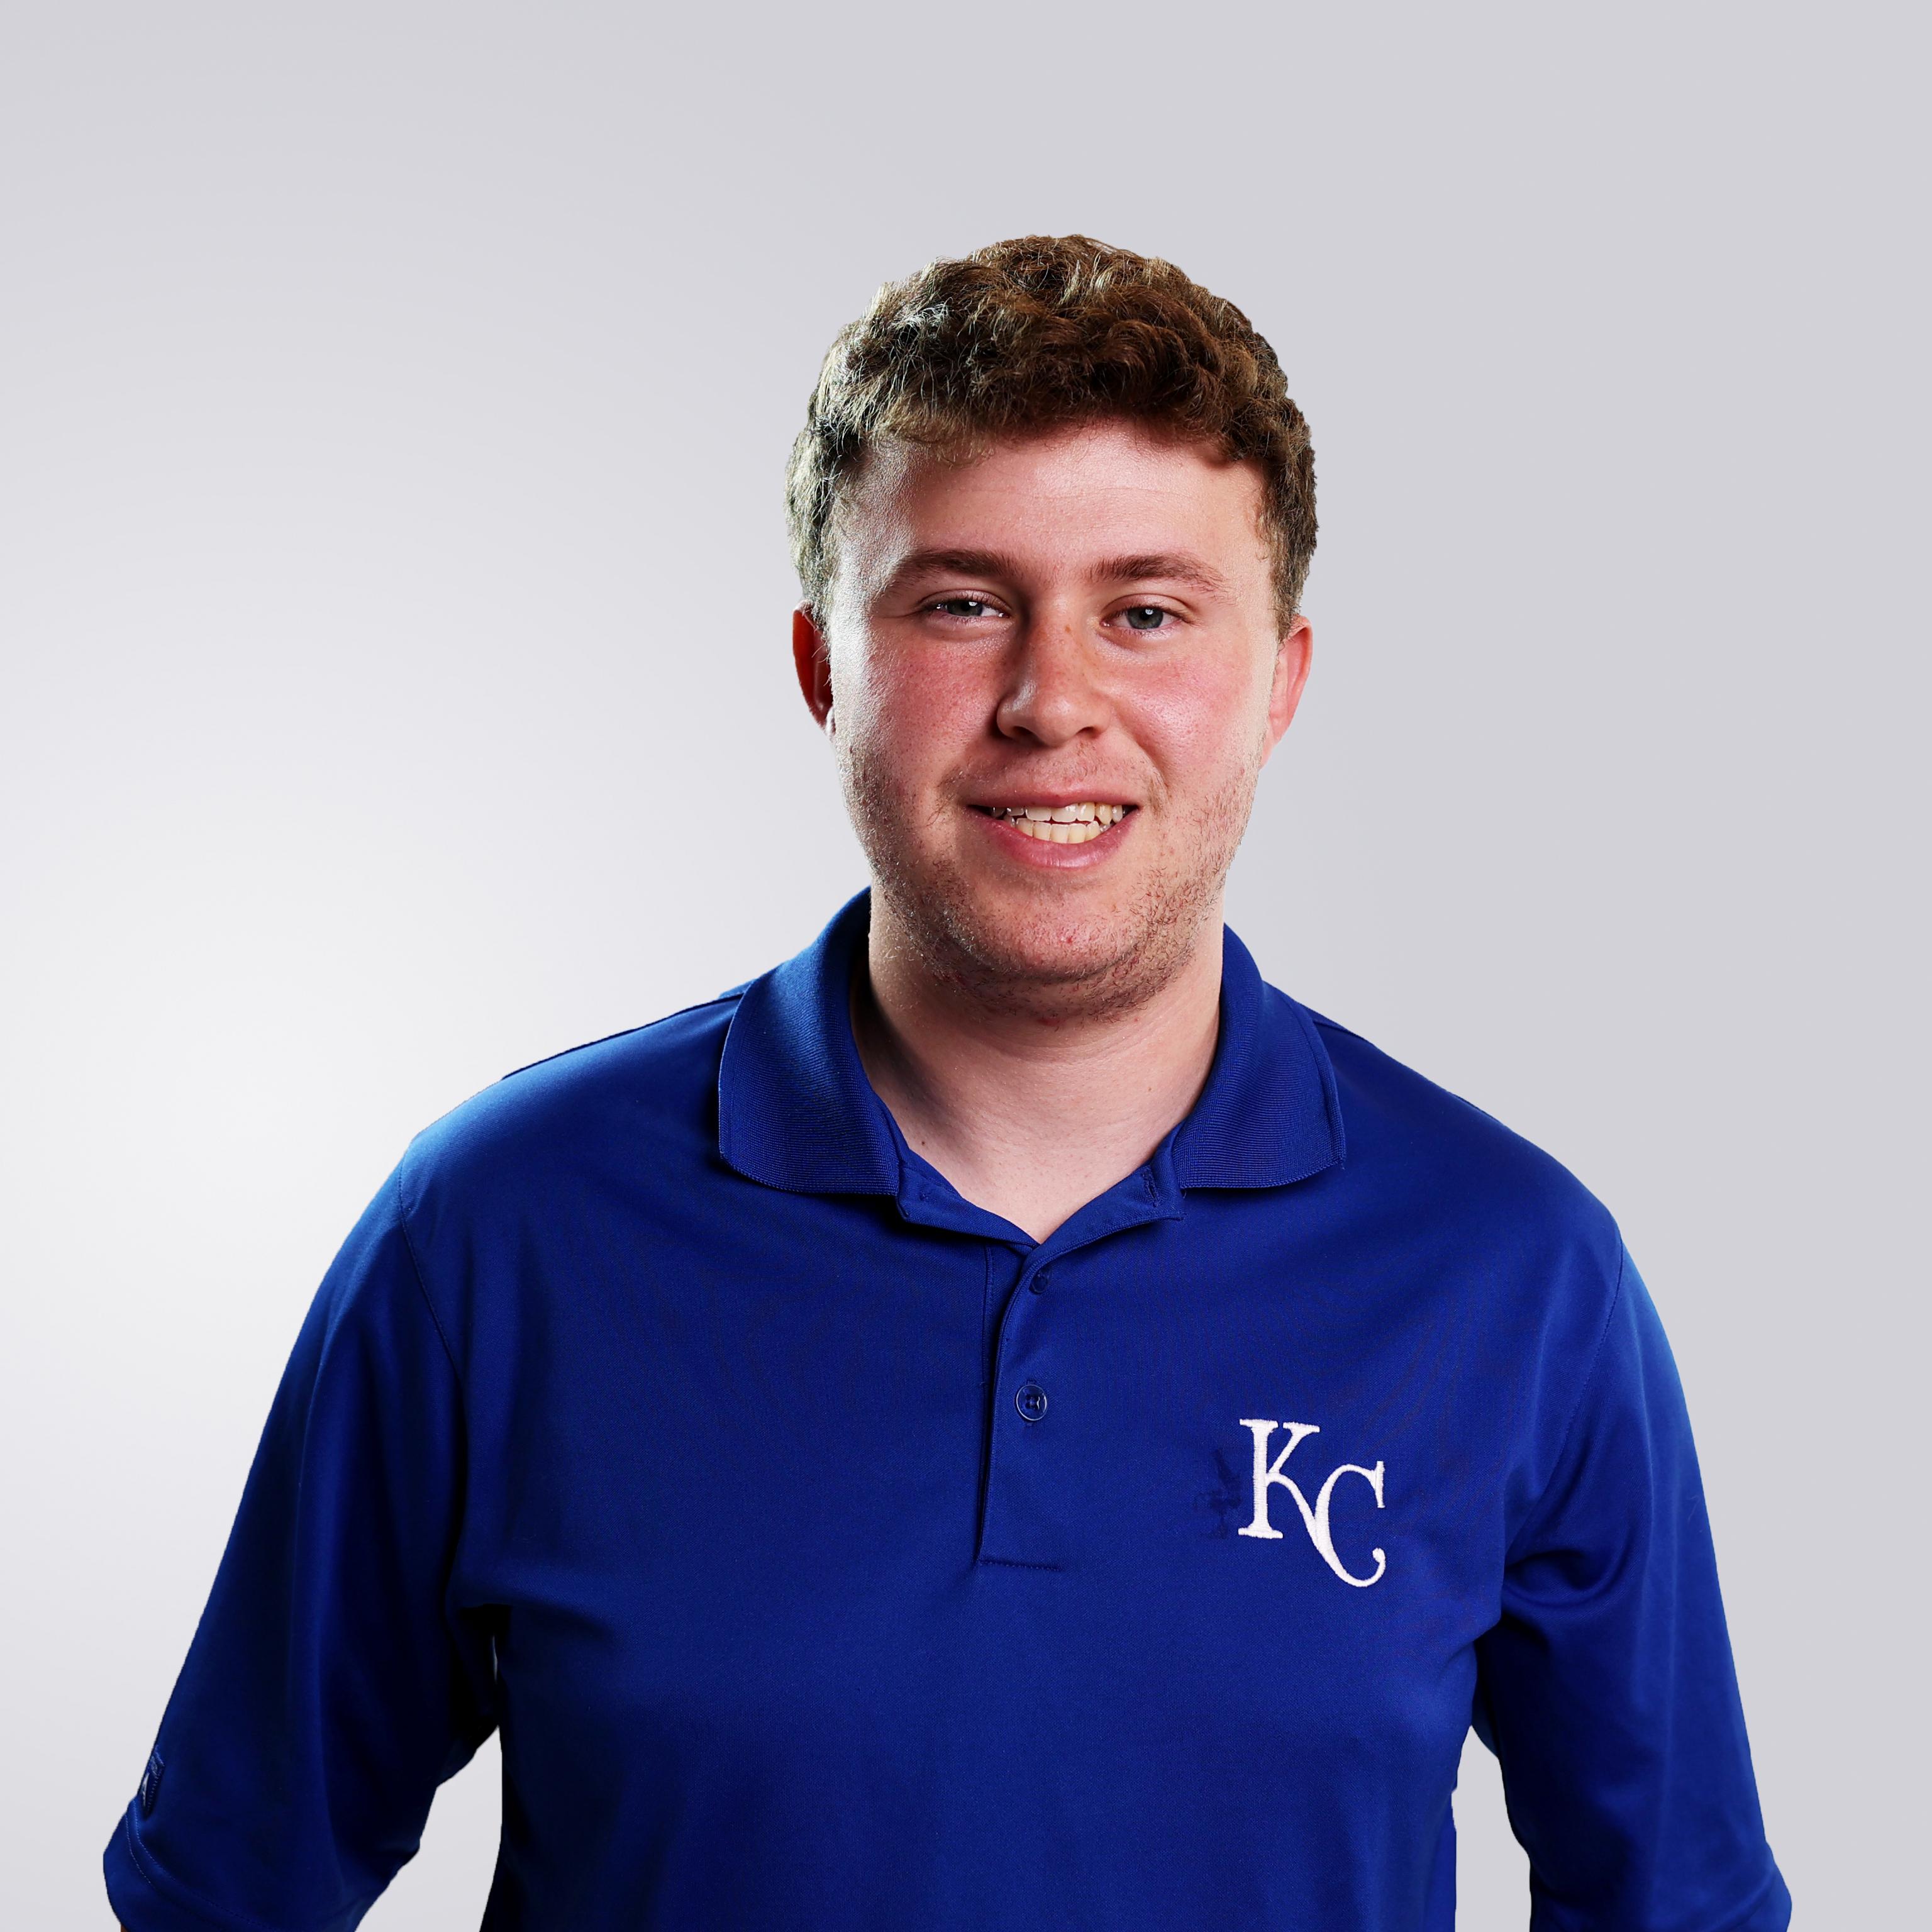 Aaron Smiling